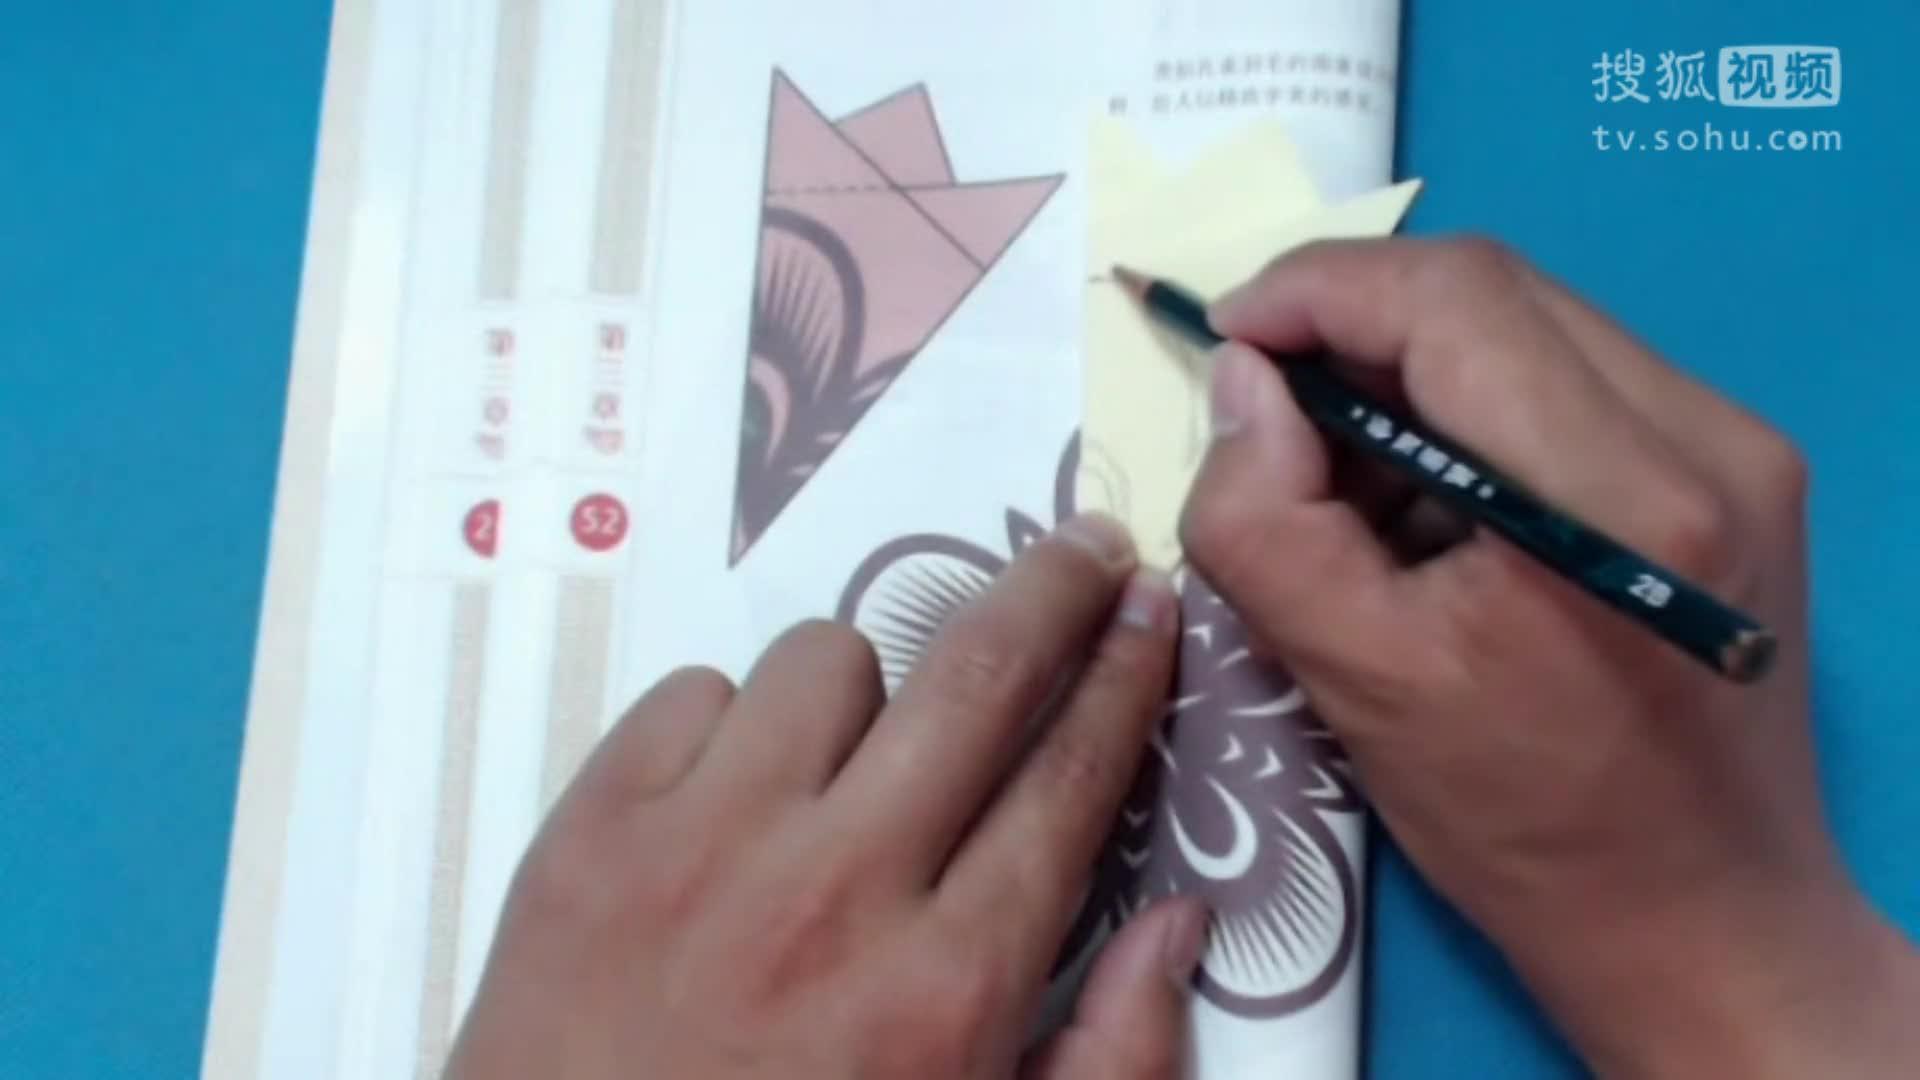 剪纸小课堂181:五瓣花 儿童剪纸教程视频大全 亲子手工diy教学 折纸